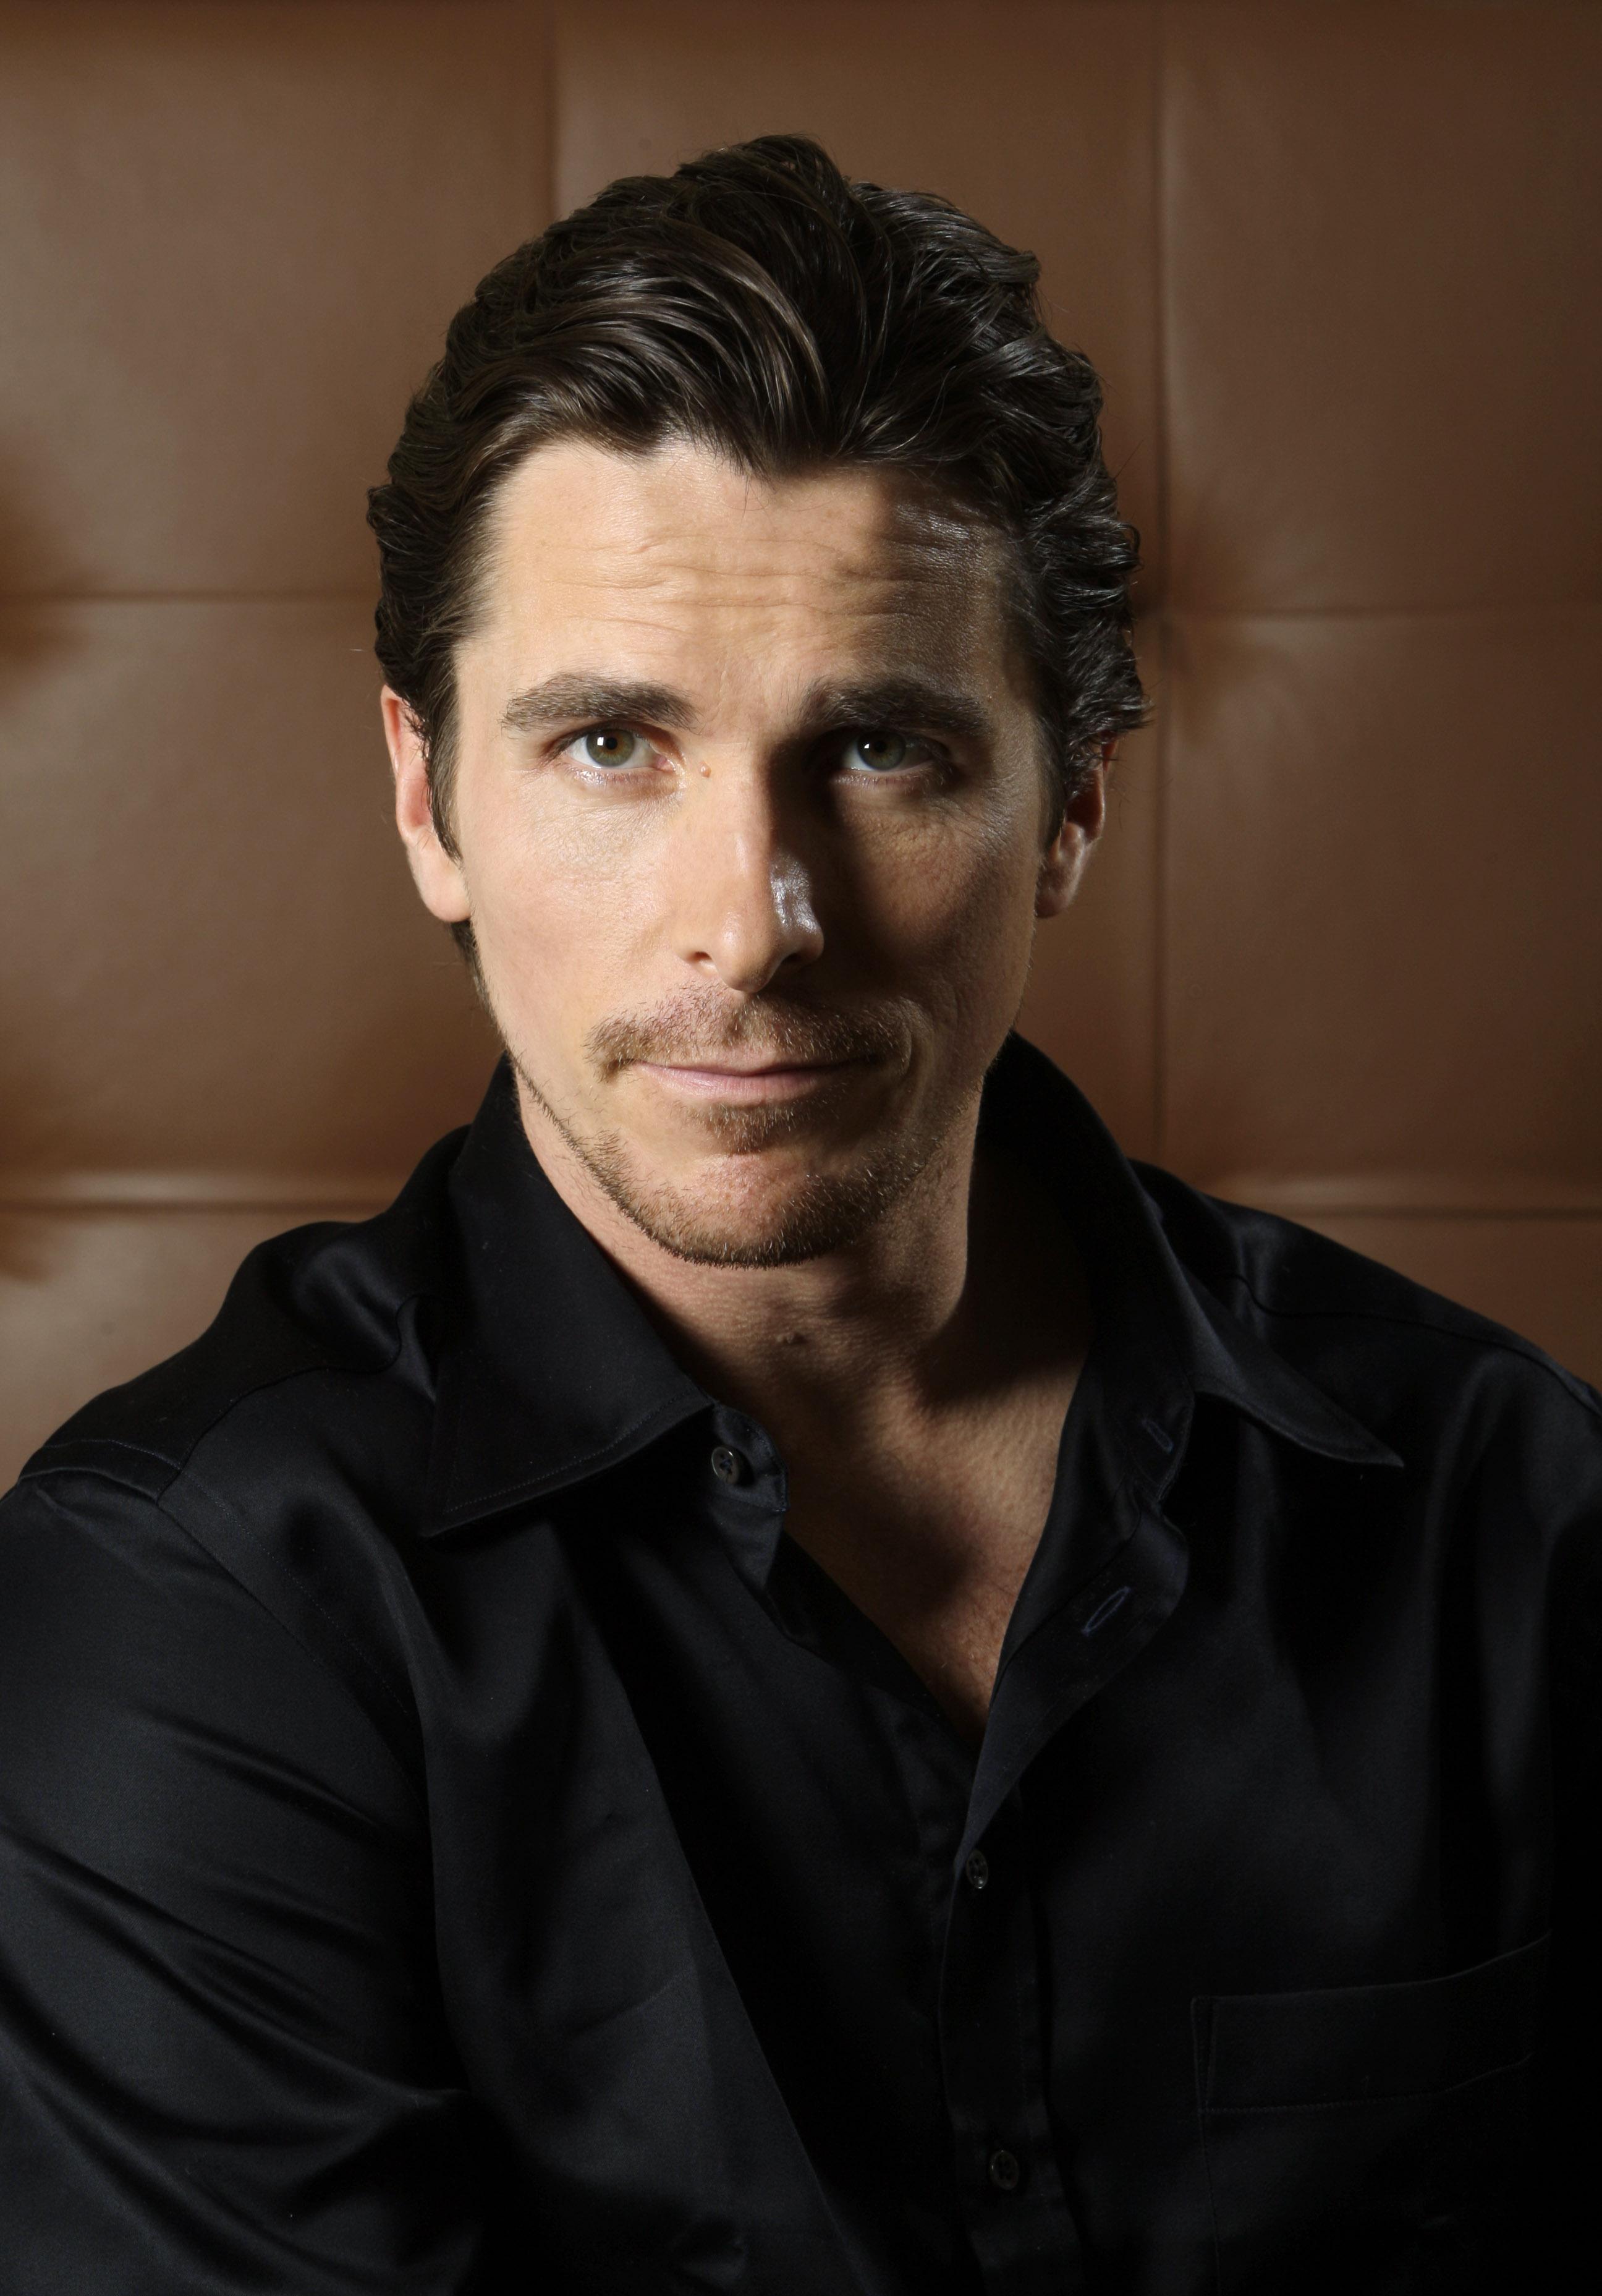 Poze Christian Bale